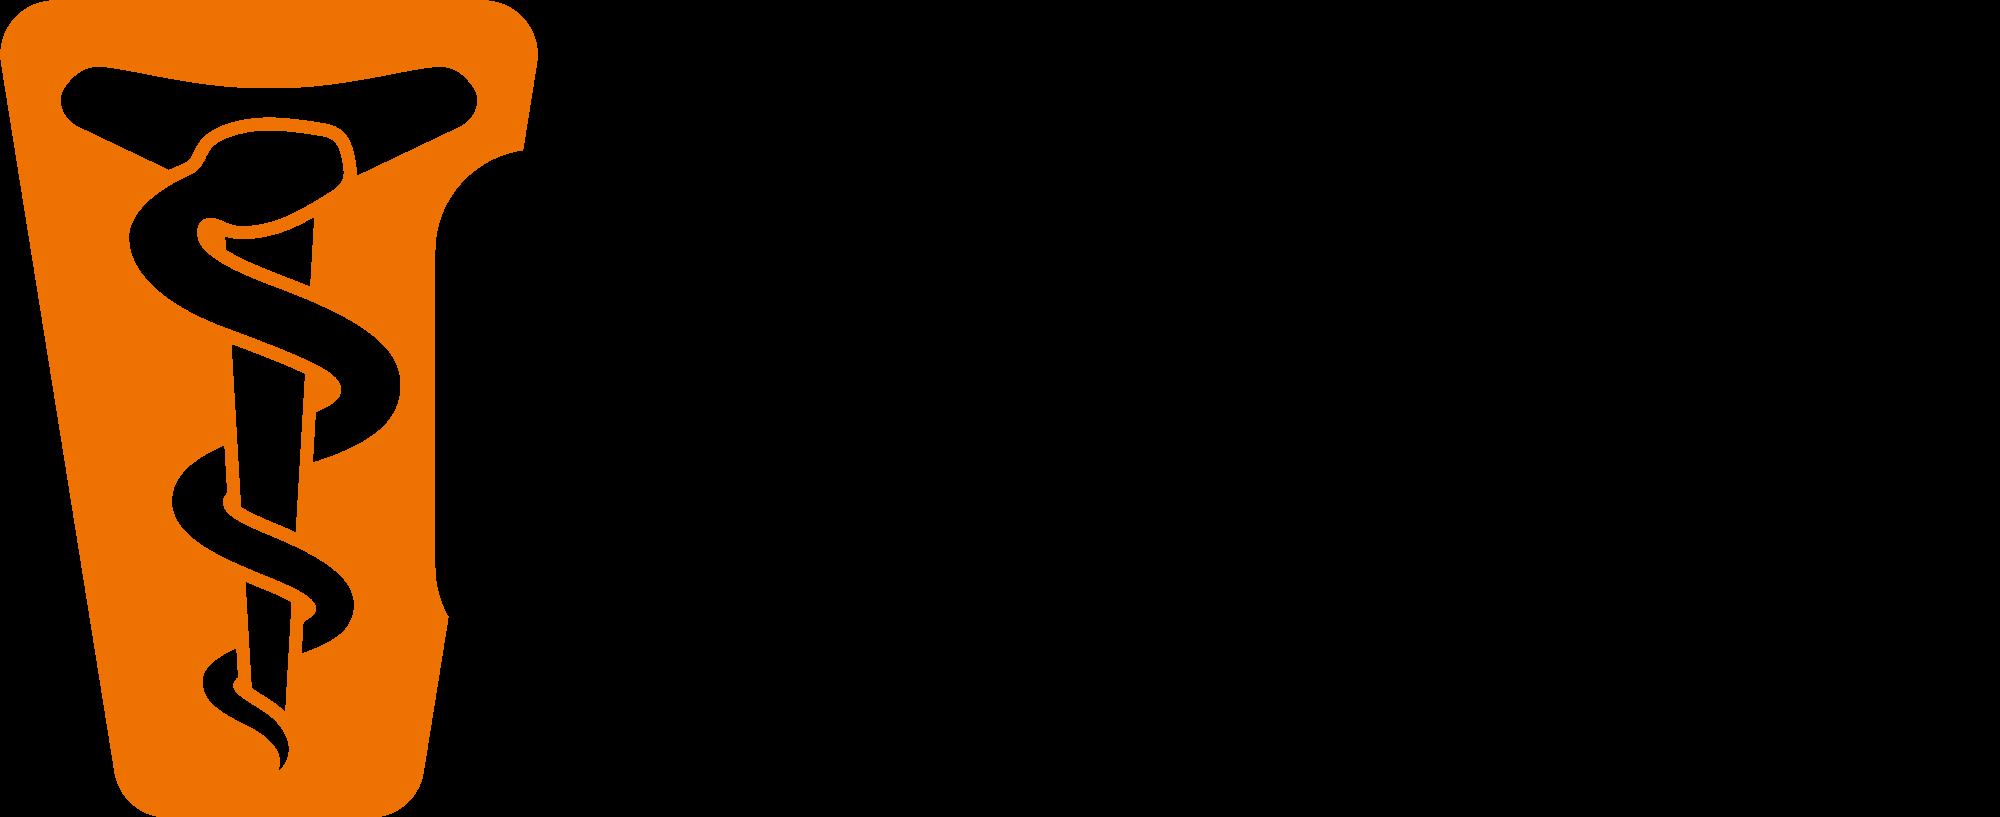 sq-lab-logo